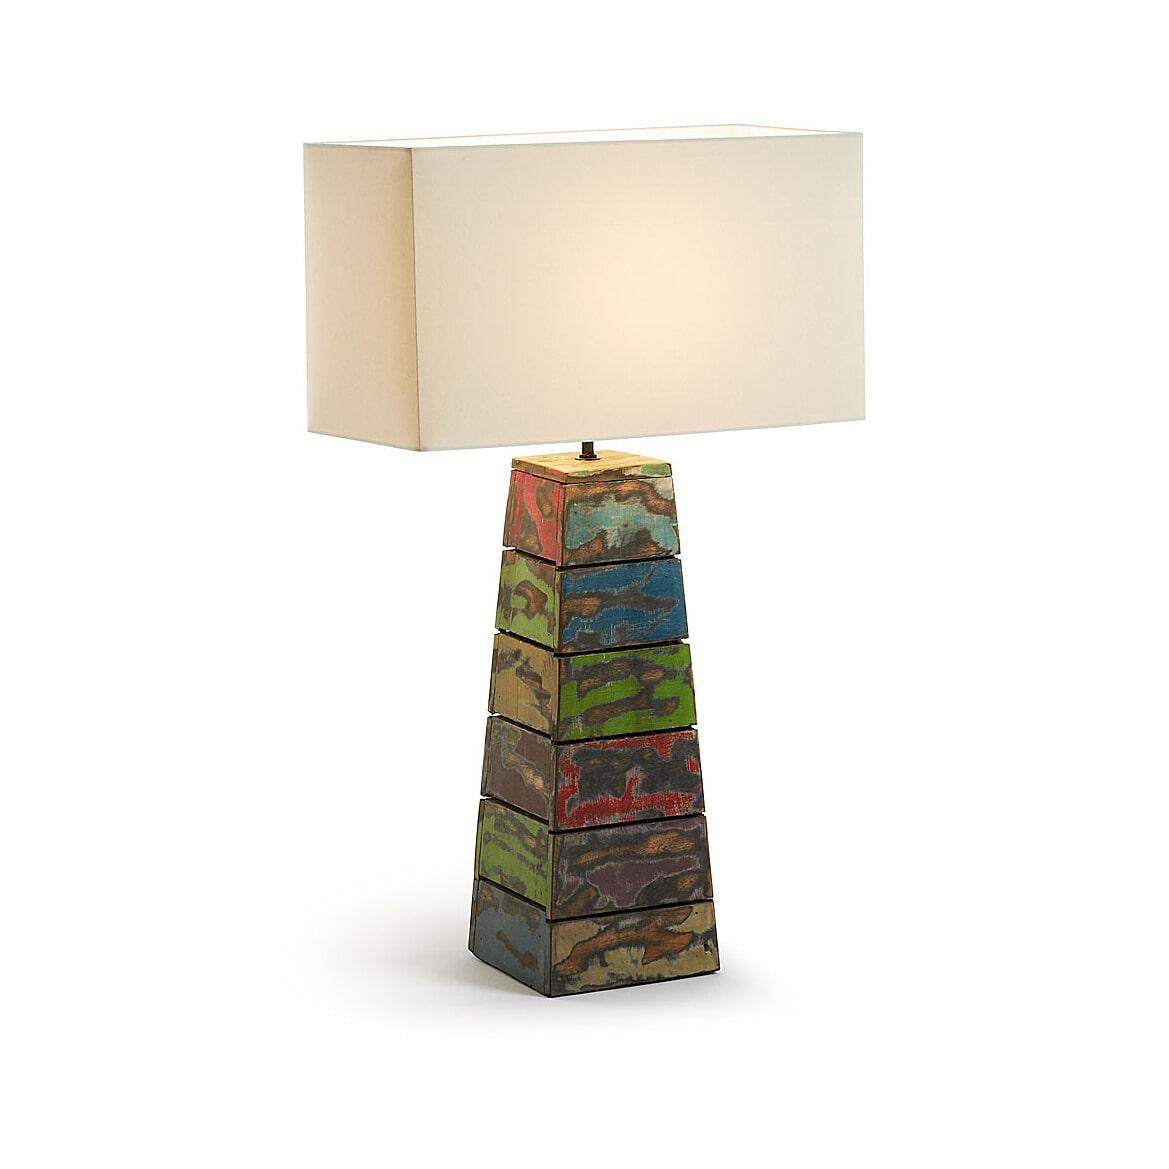 Kave Home Tafellamp 'Birt' Verlichting   Tafellampen vergelijken doe je het voordeligst hier bij Meubelpartner